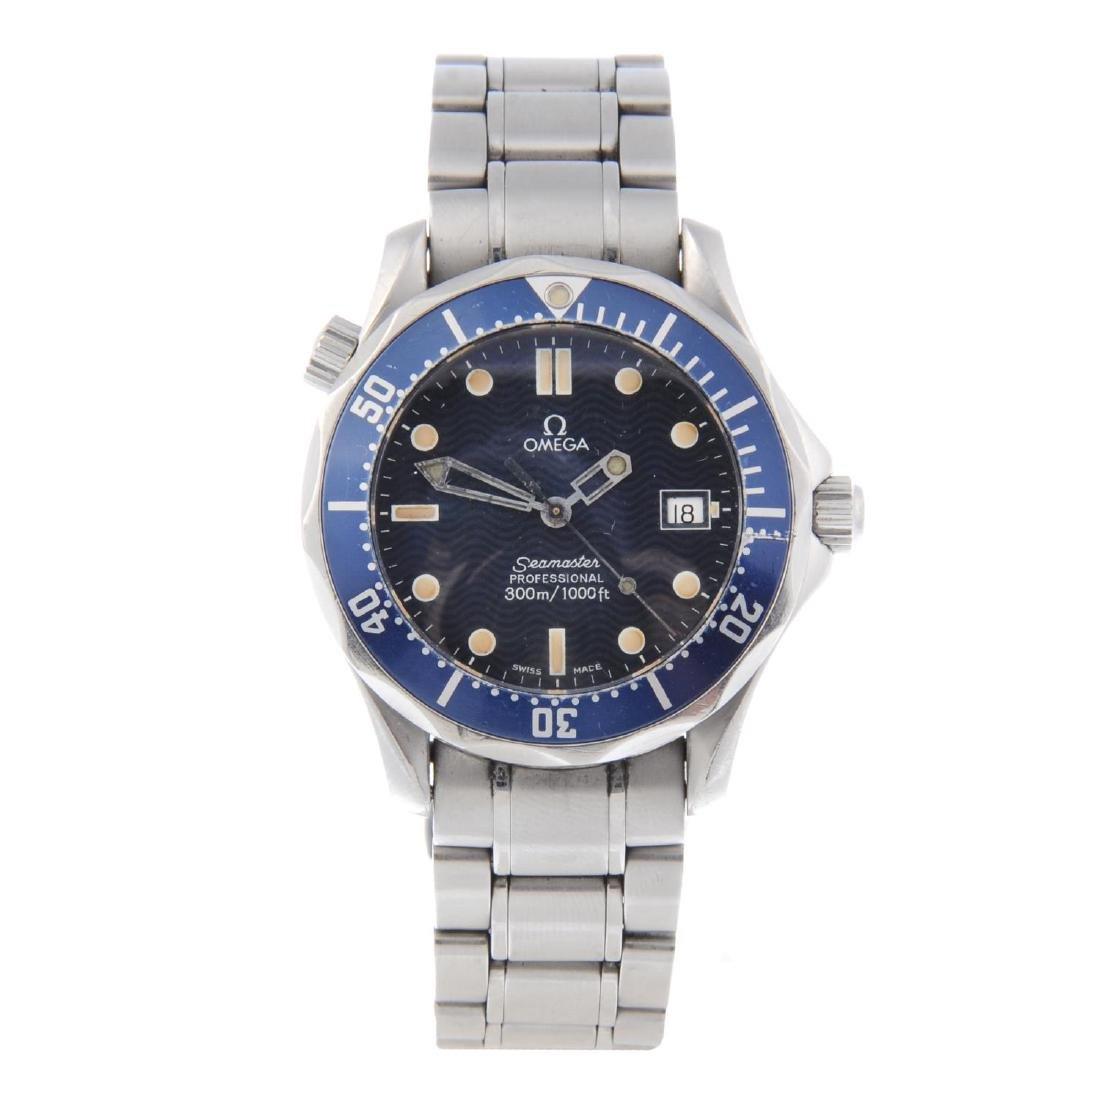 OMEGA - a mid-size Seamaster 300M bracelet watch.